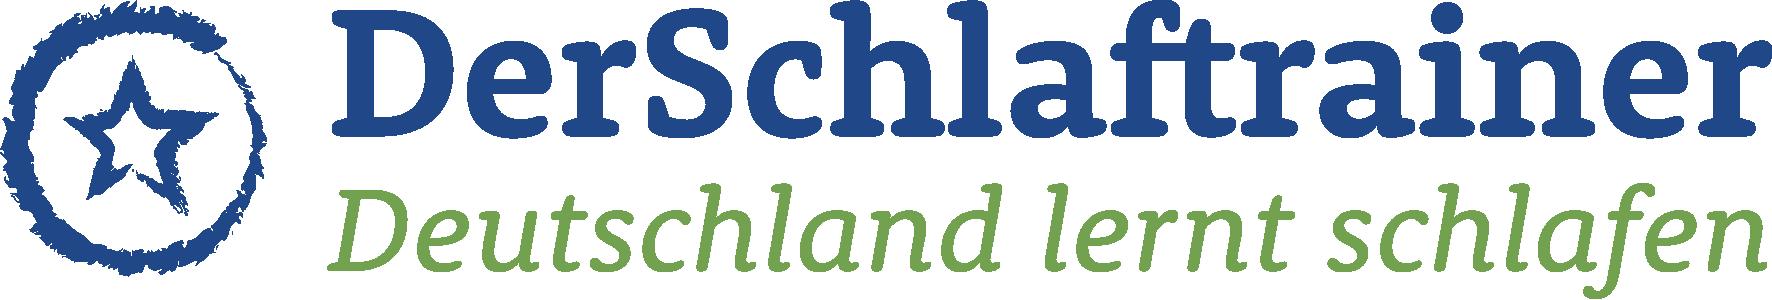 DerSchlaftrainer Logo